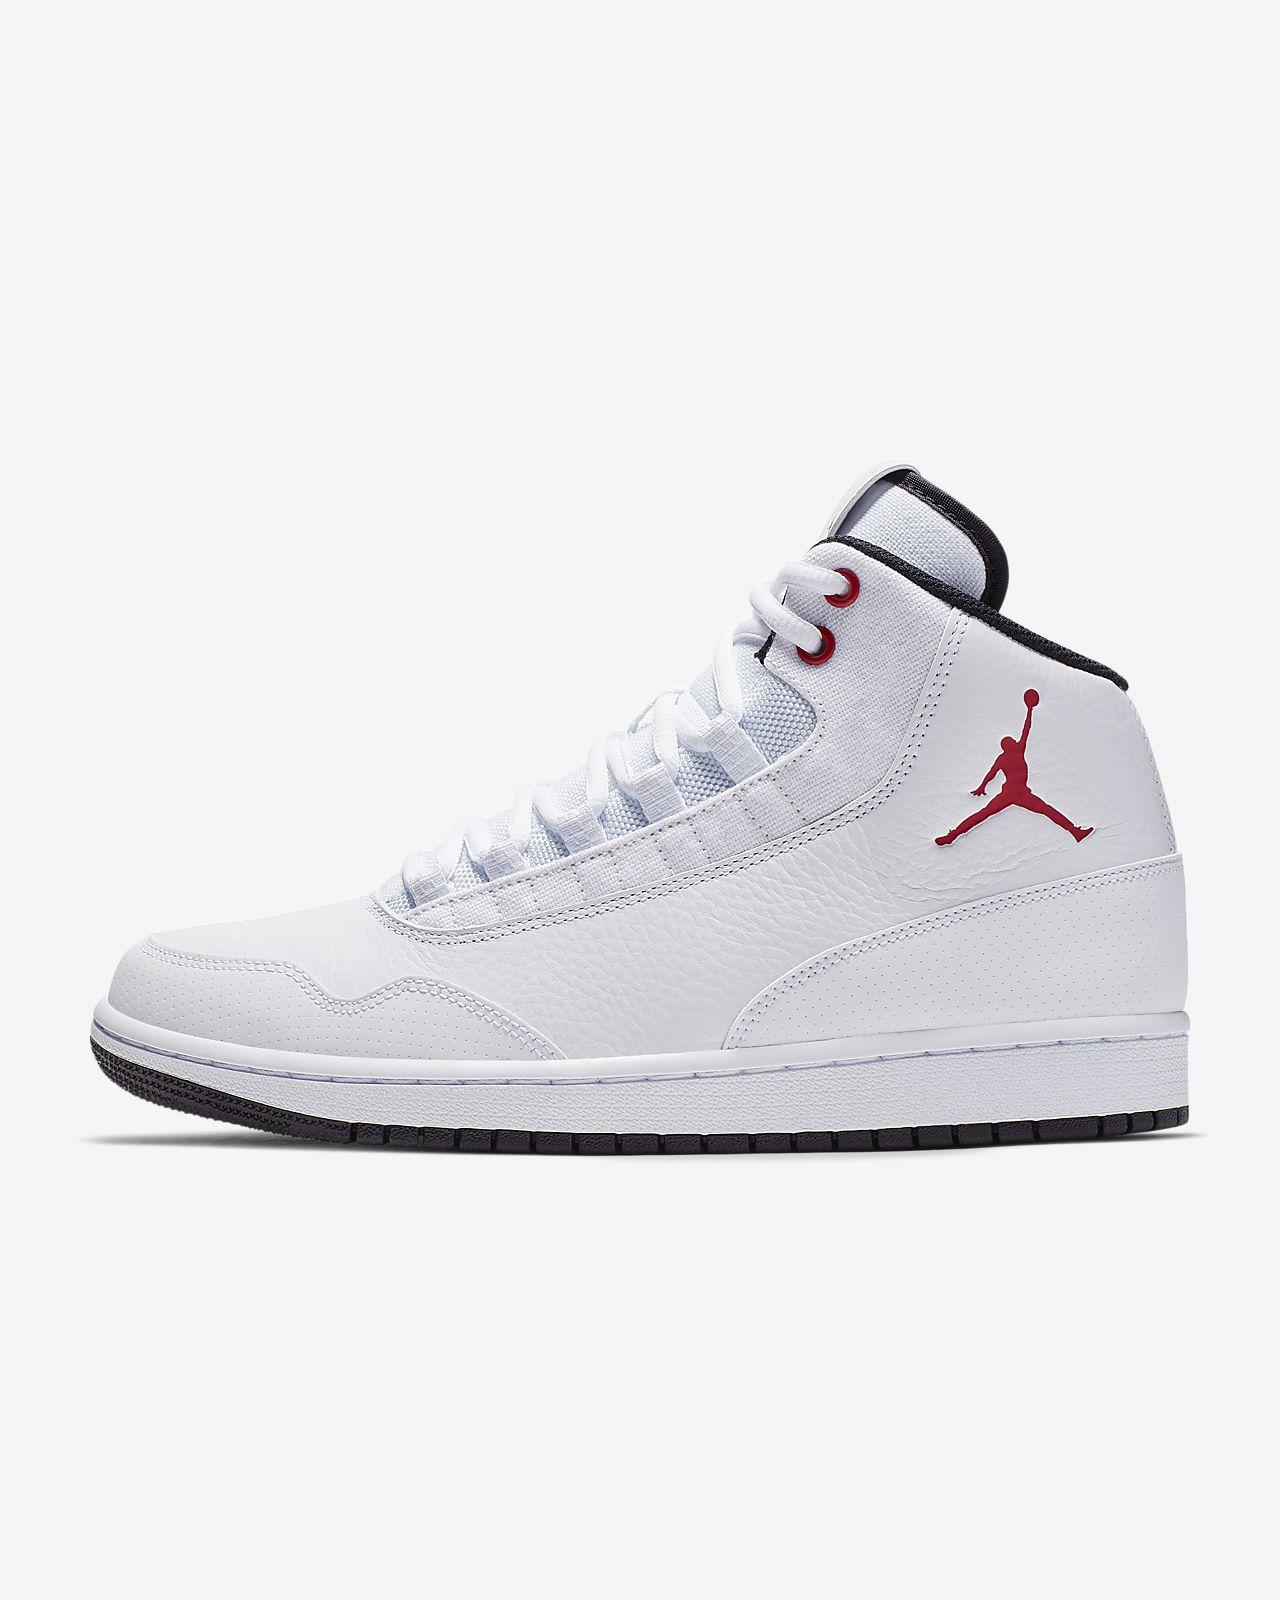 Hommeca Chaussure Pour Jordan 4lrj3q5a Executive SMpGzULqV